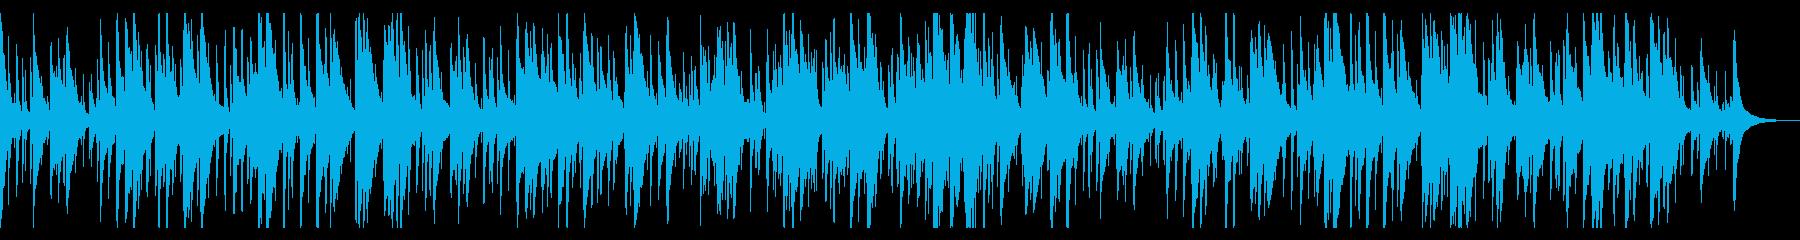 お洒落なジャズピアノトリオ20 バラードの再生済みの波形